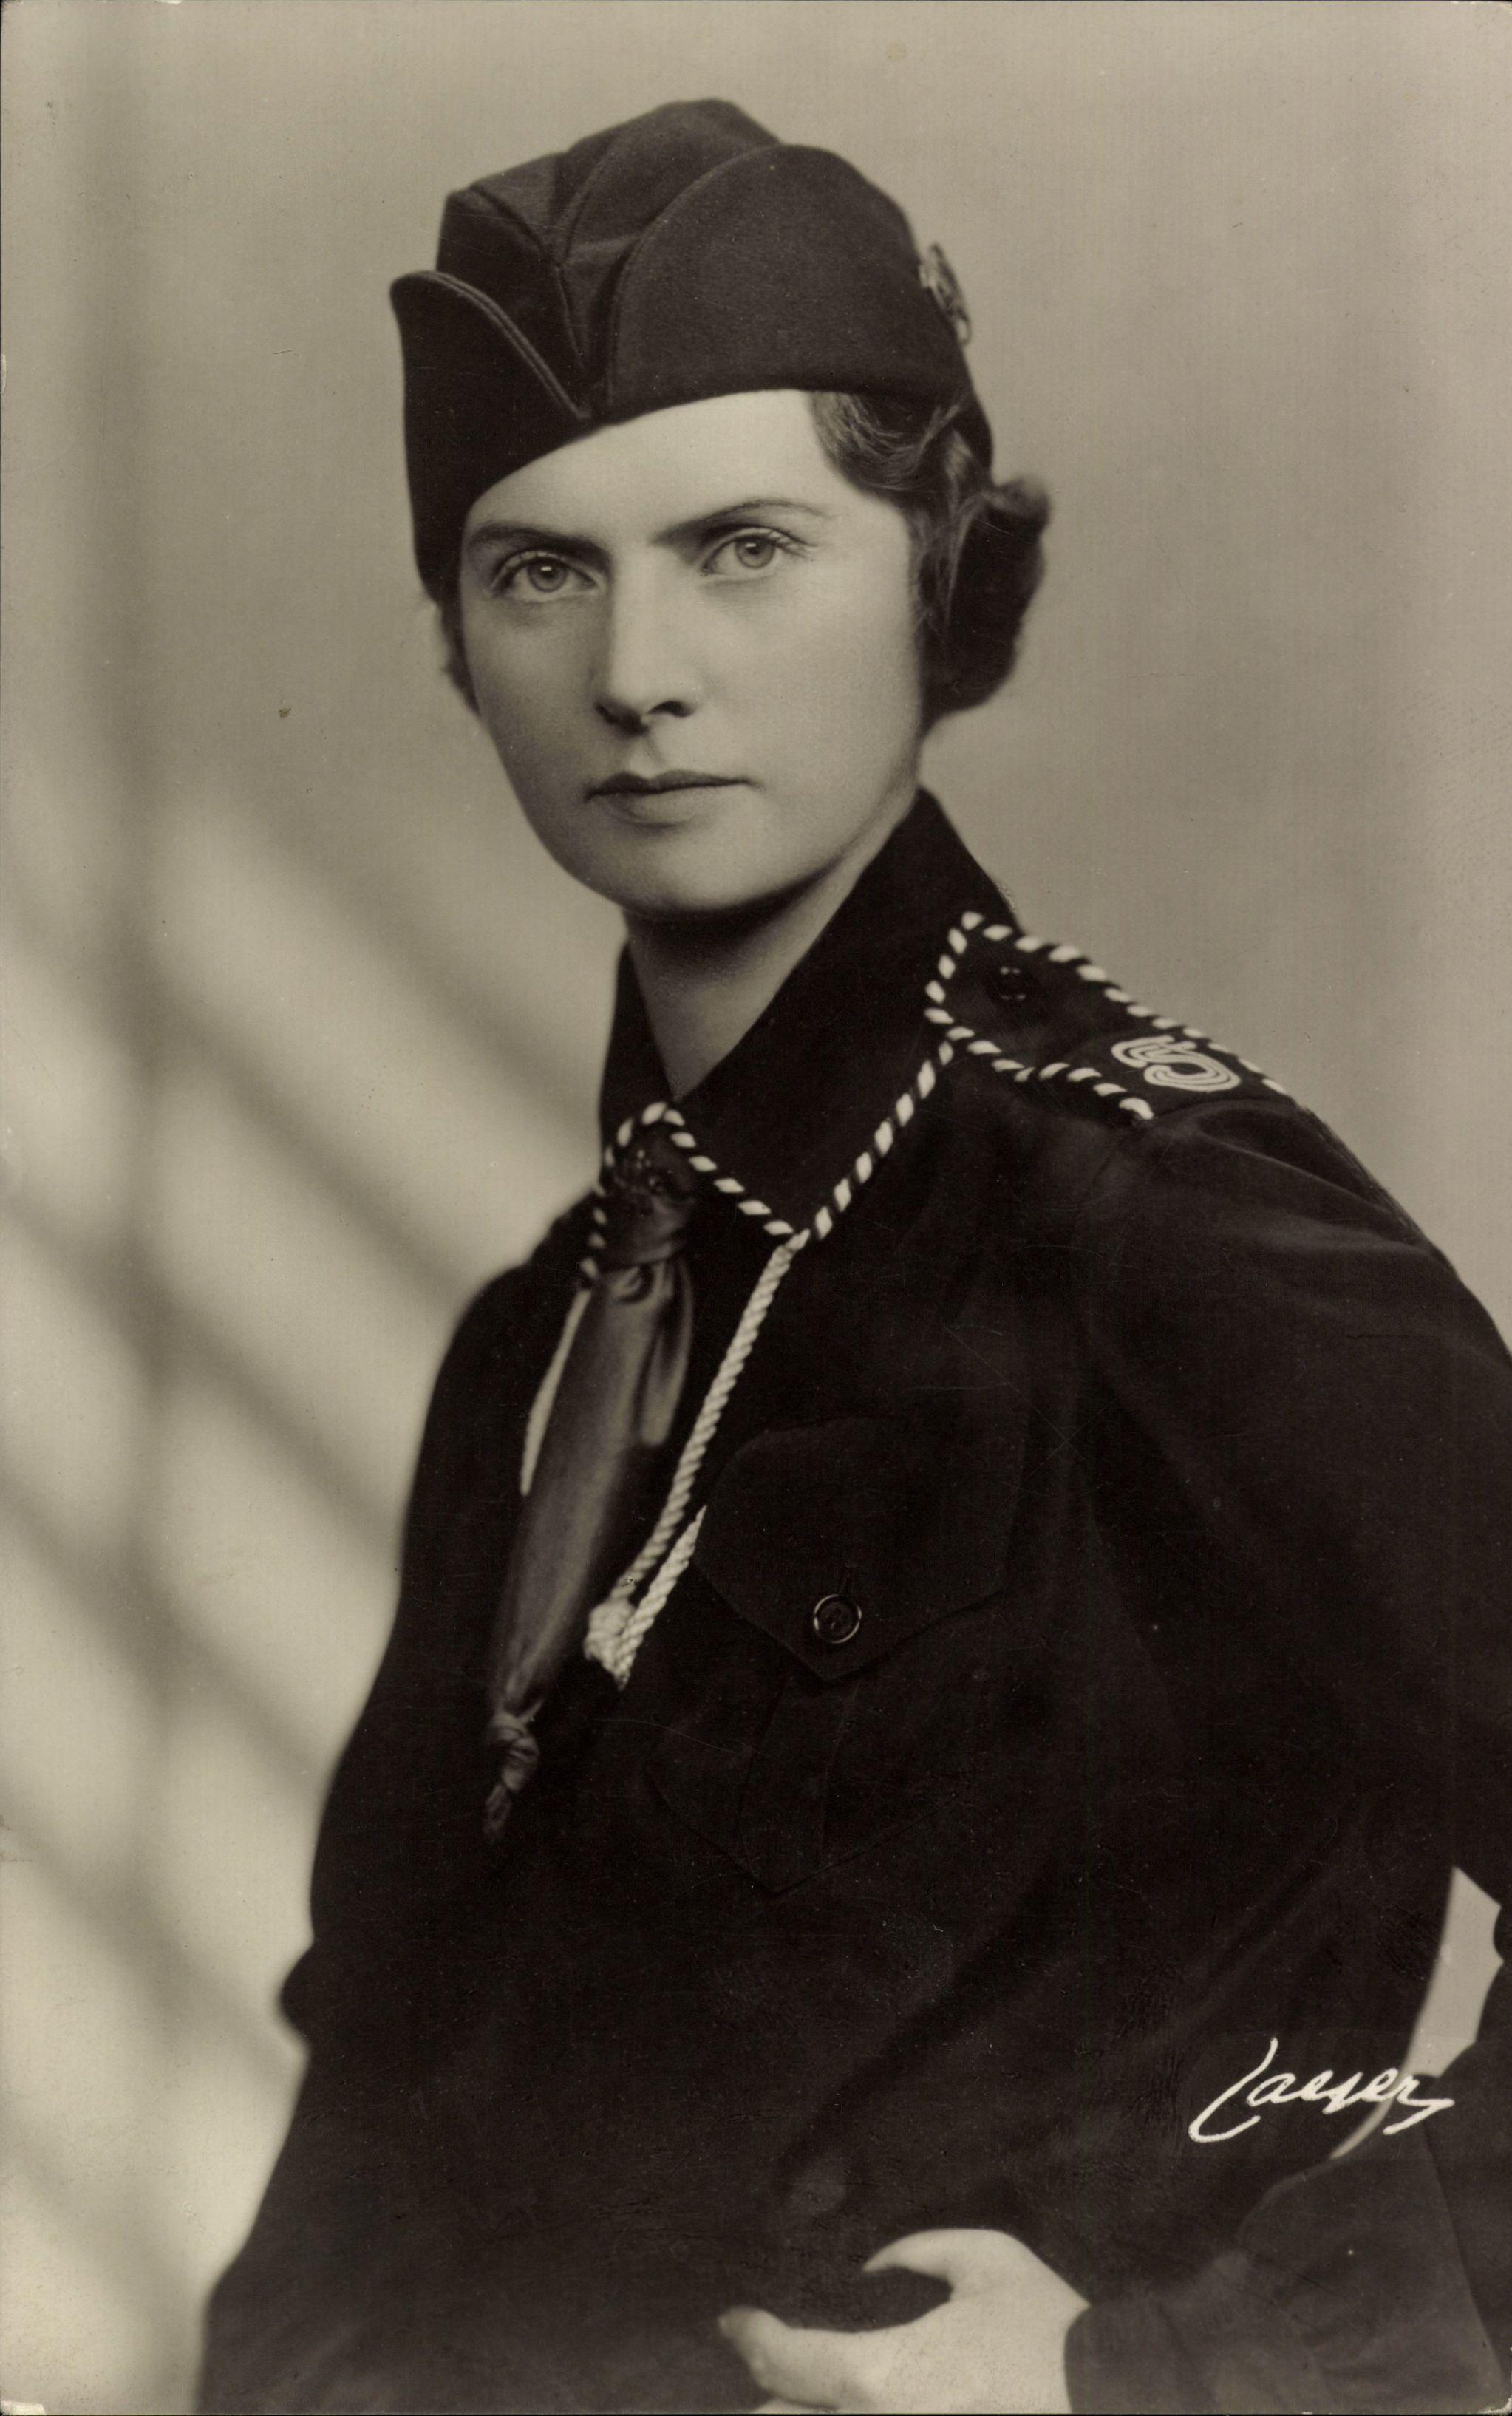 Prinsessan Sibylla von Schweden, Portrait in Uniform, Krawatte, Käppi